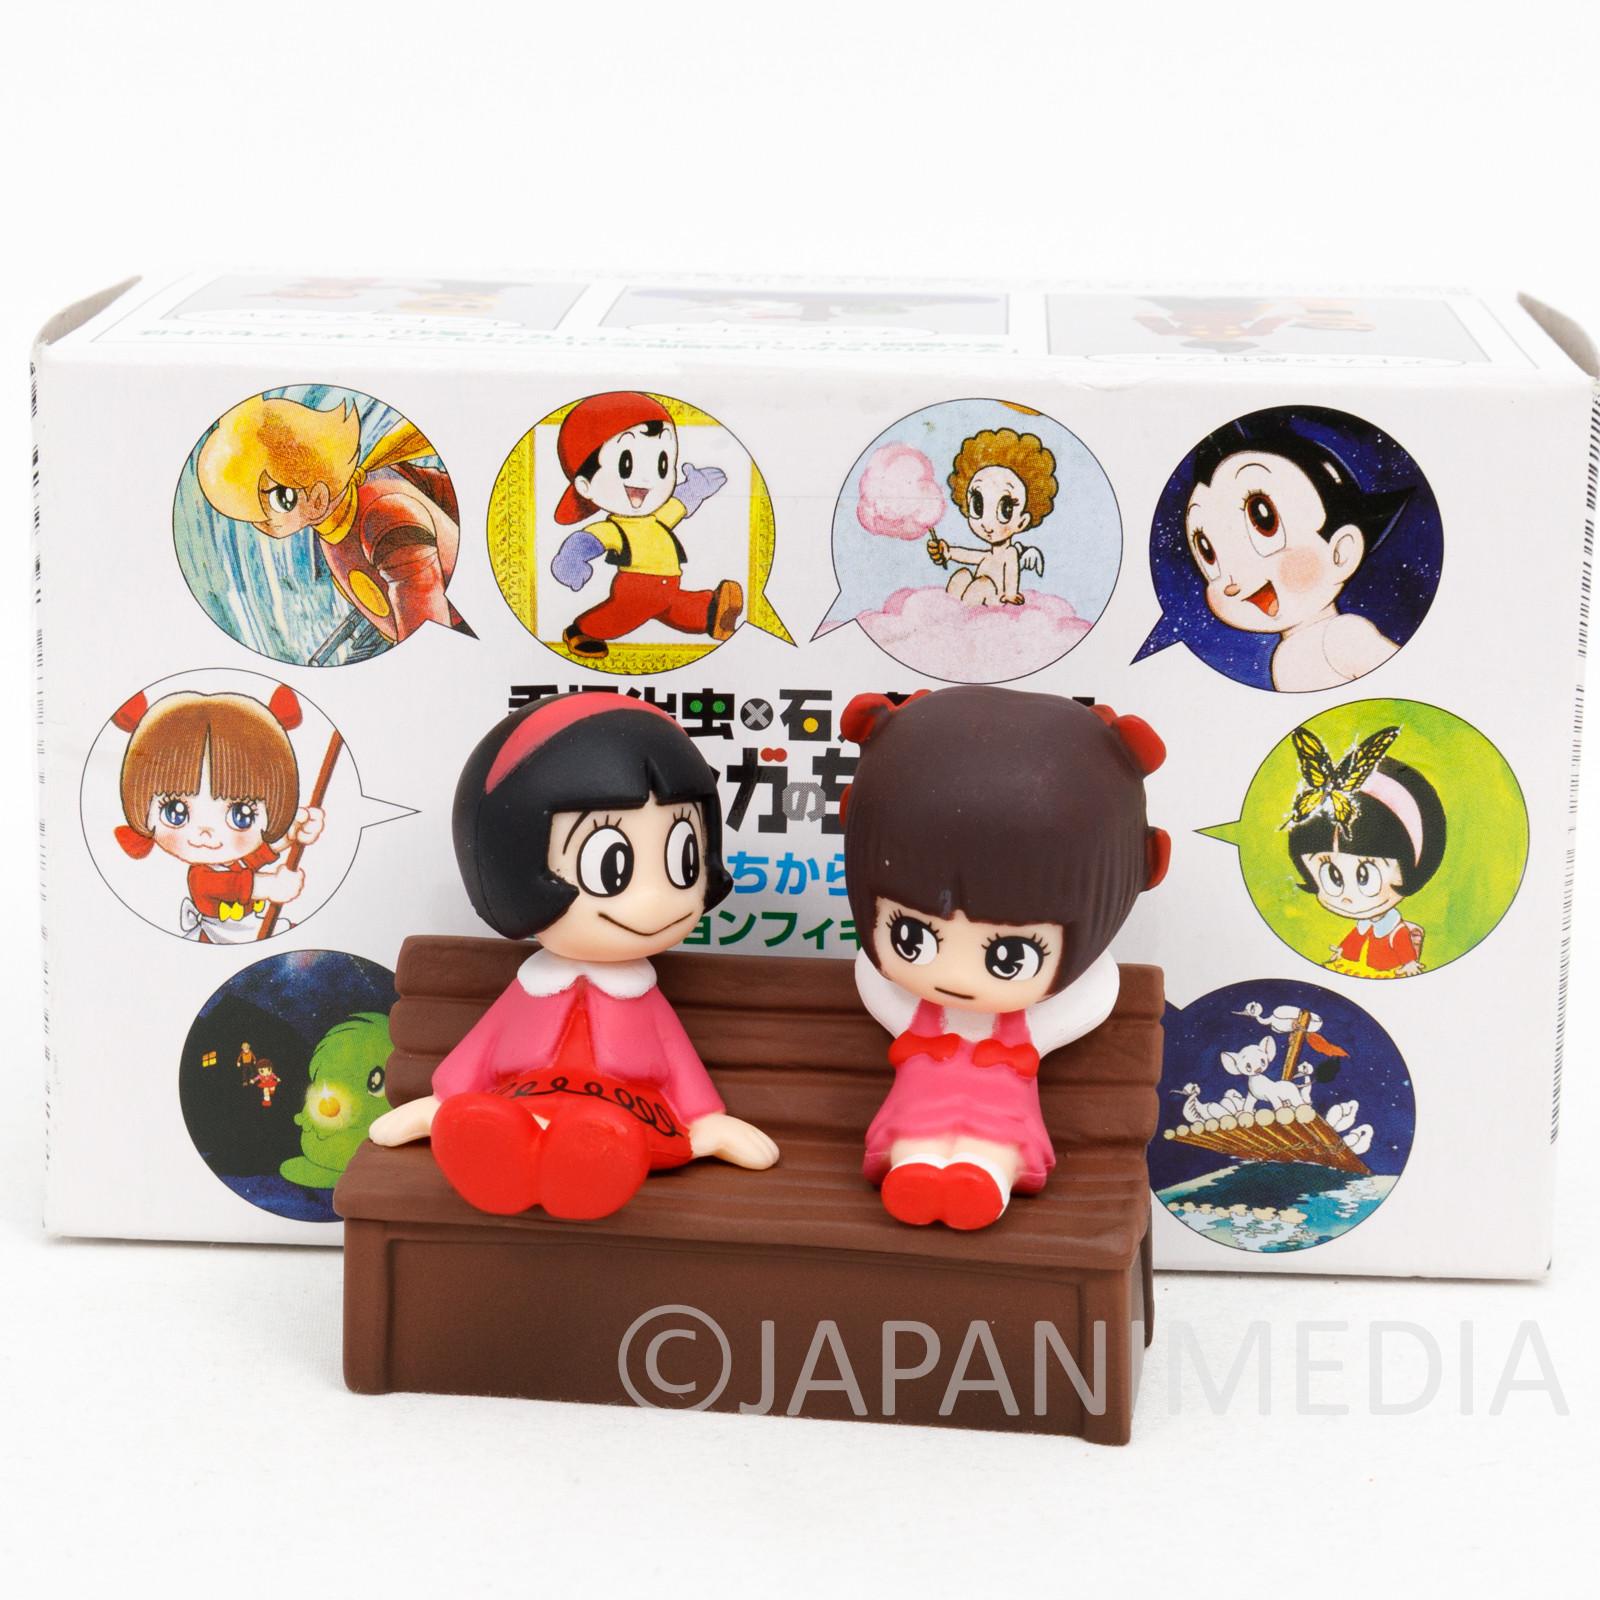 Tezuka Osamu x Shotaro Ishinomori Collection Figure Black Jack Pinoko & Ecchan